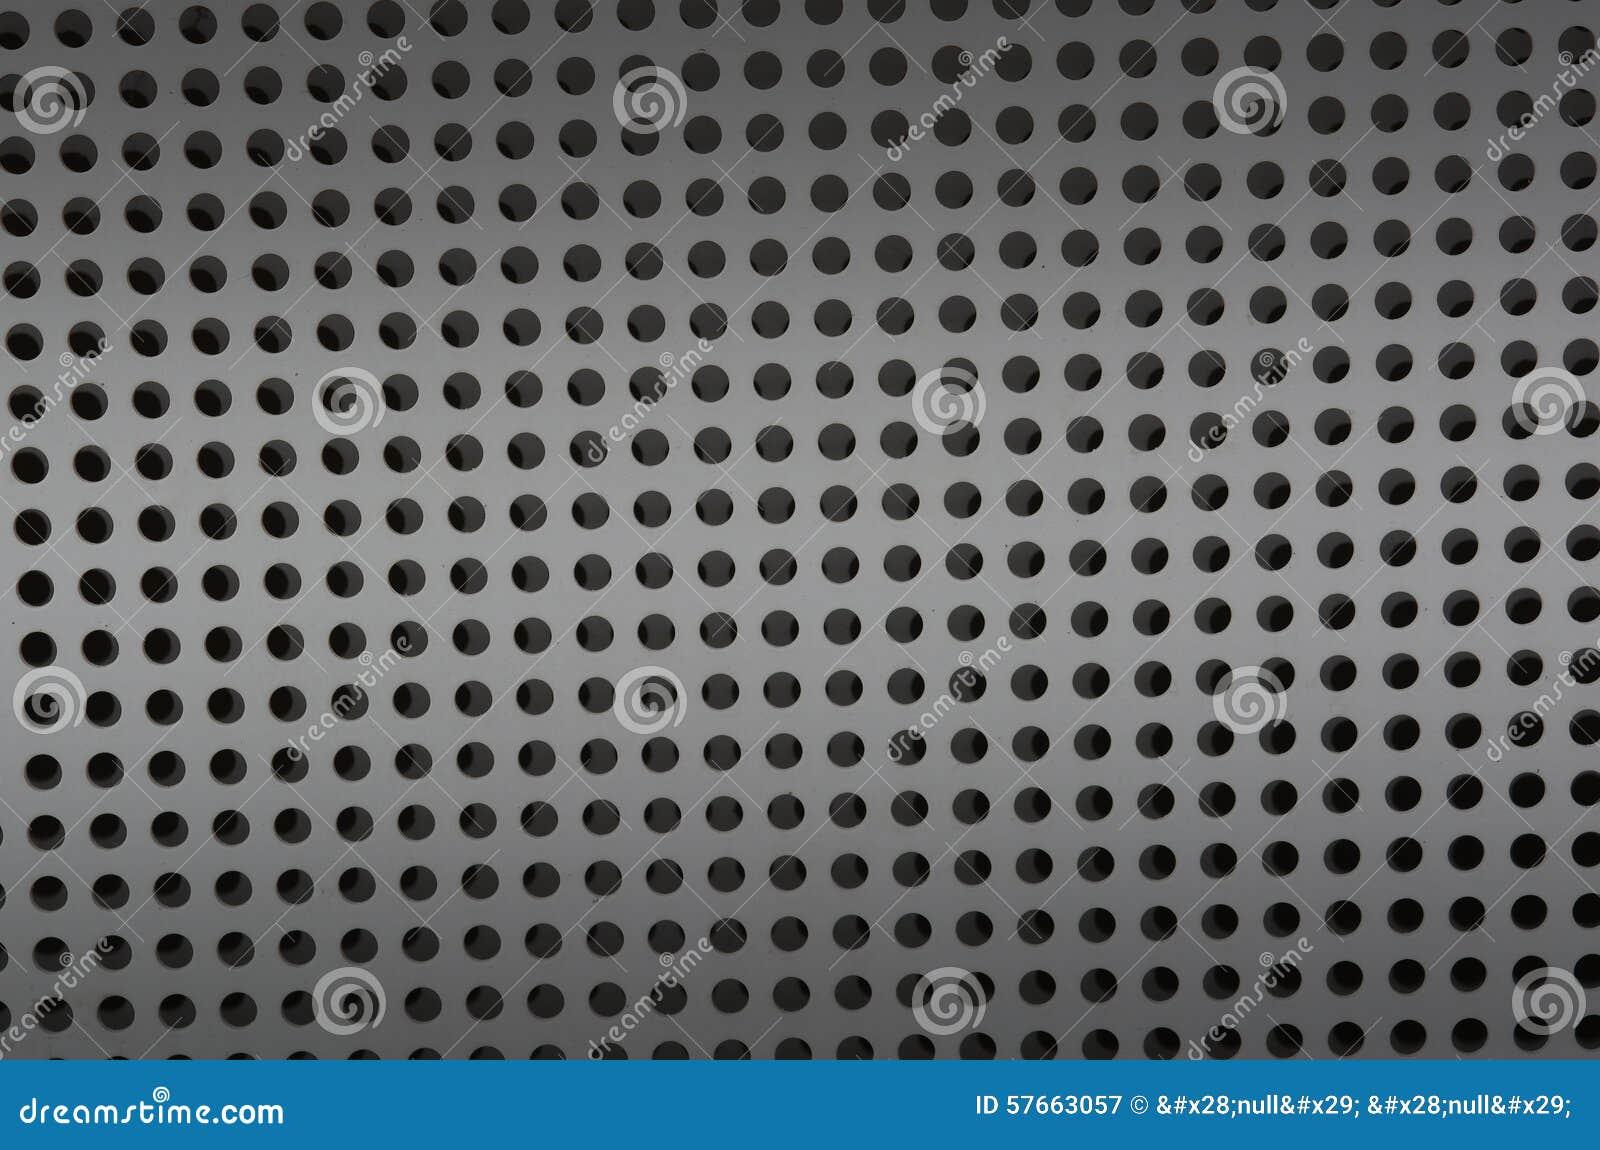 Tła prześcieradło metal zakrywający z liniami kółkowe dziury